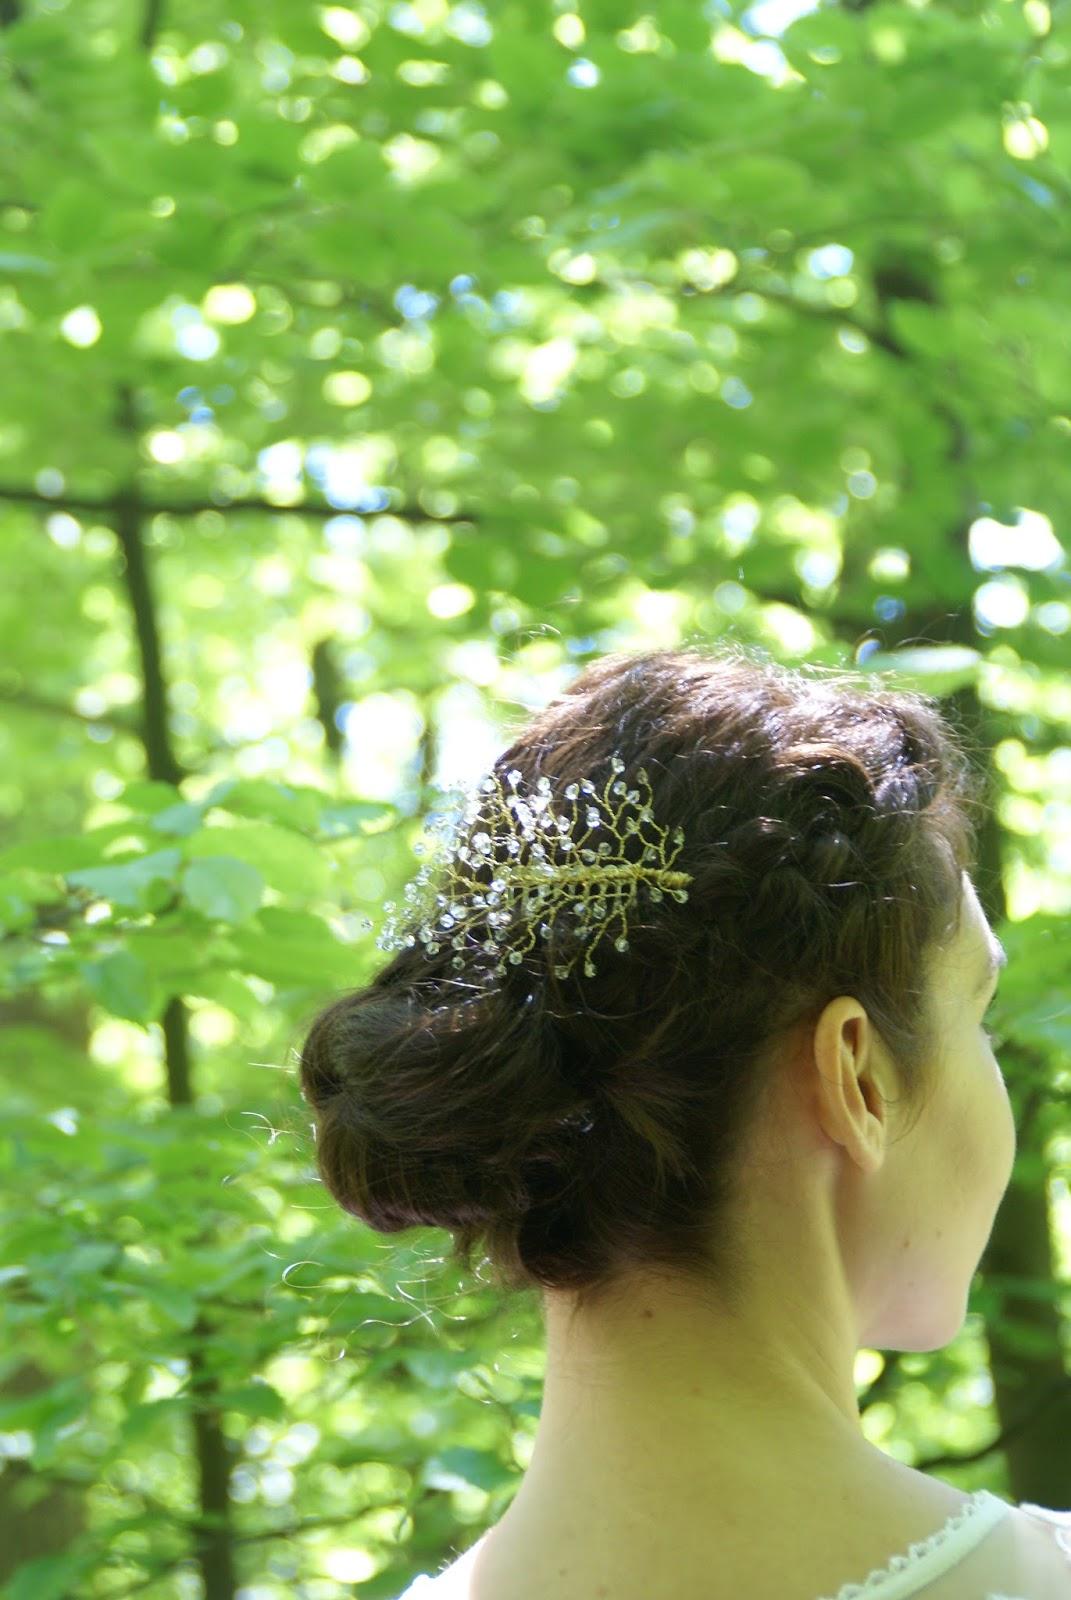 Ślubny grzebyk do włosów - jak zrobić go samodzielnie?